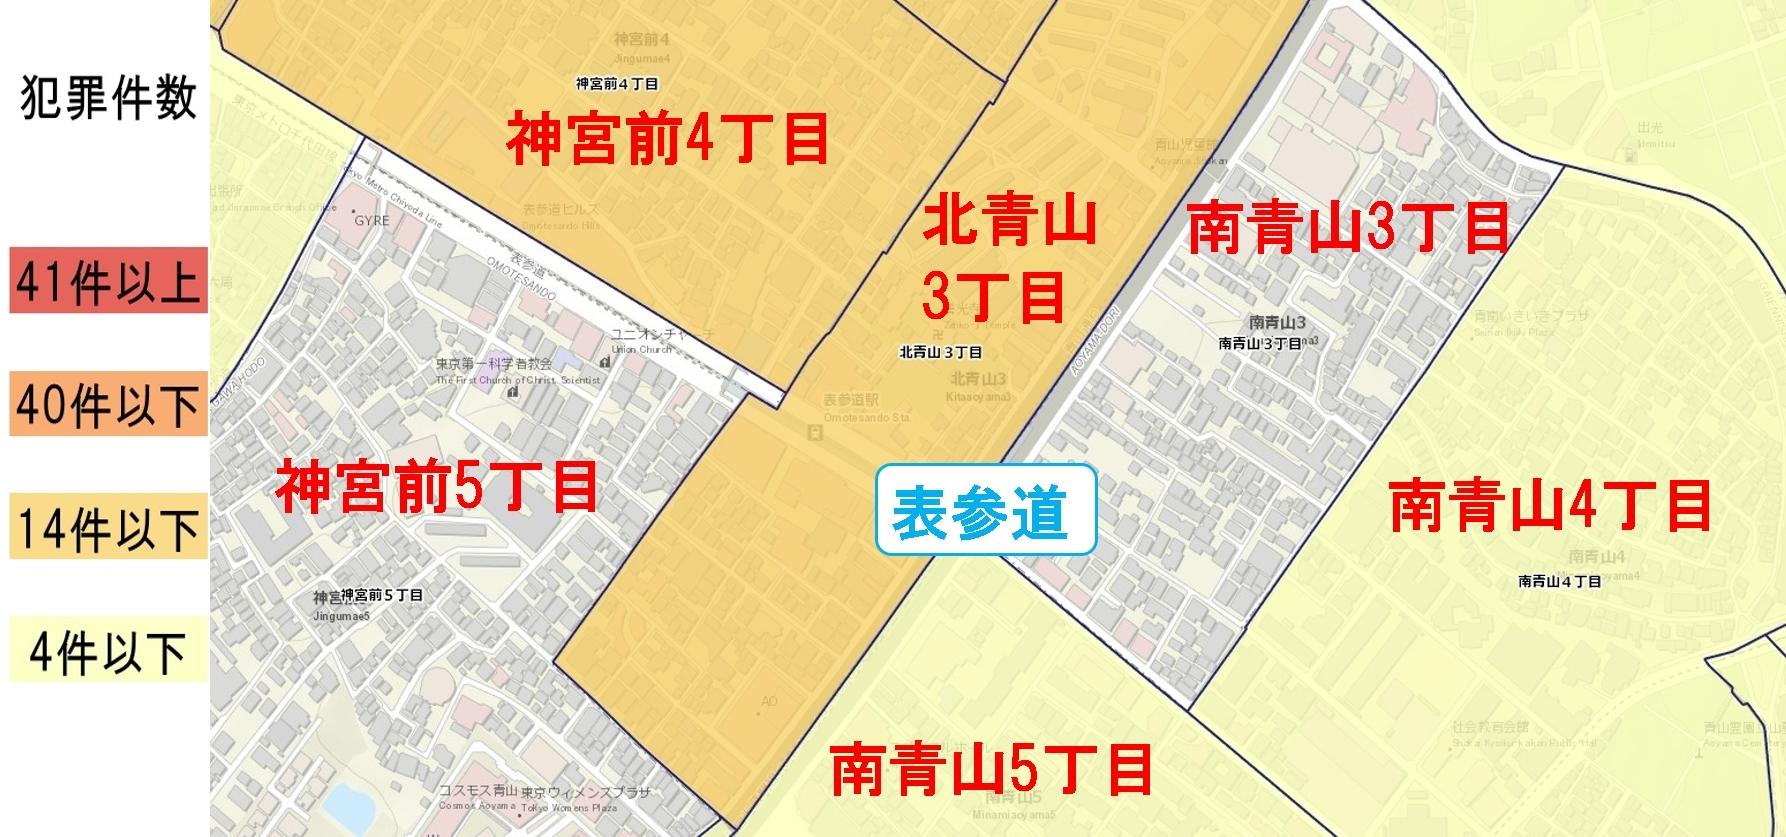 表参道駅周辺の粗暴犯の犯罪件数マップ